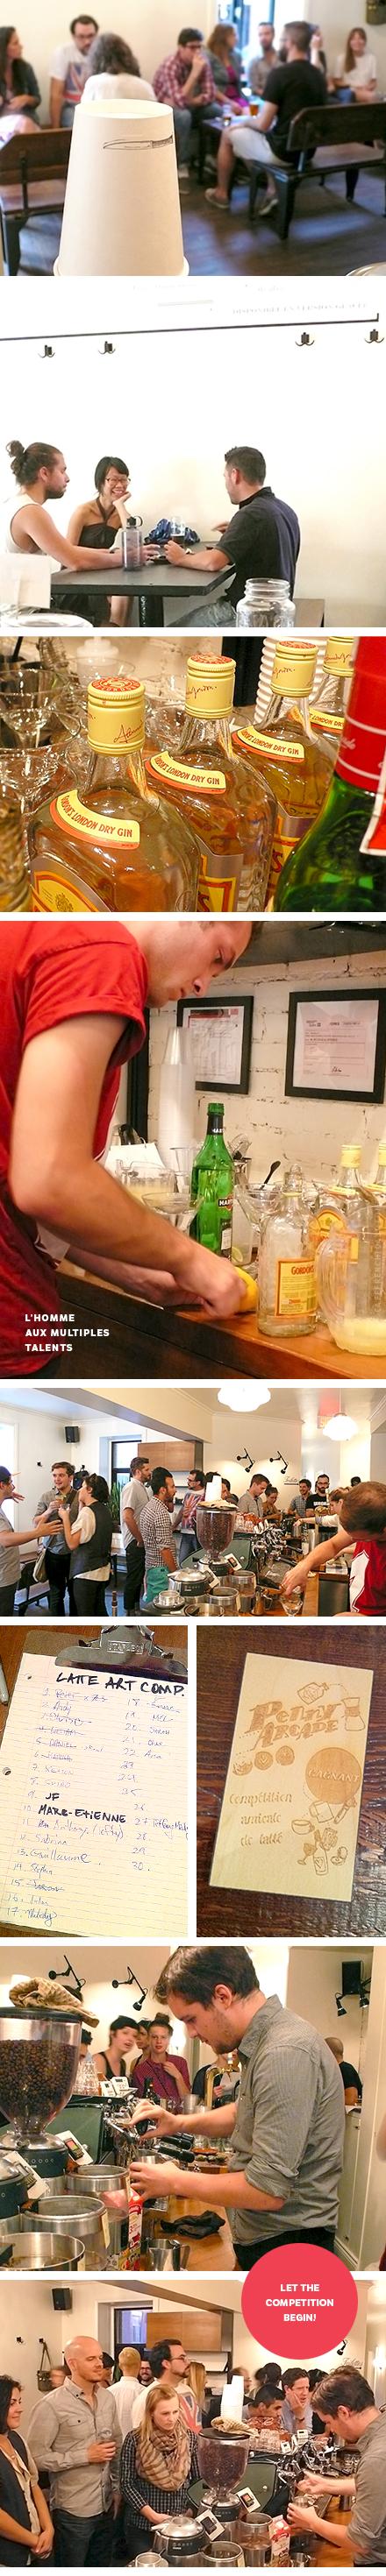 28-08-13-CafeFrenchToast-PennyArcadeno01-03